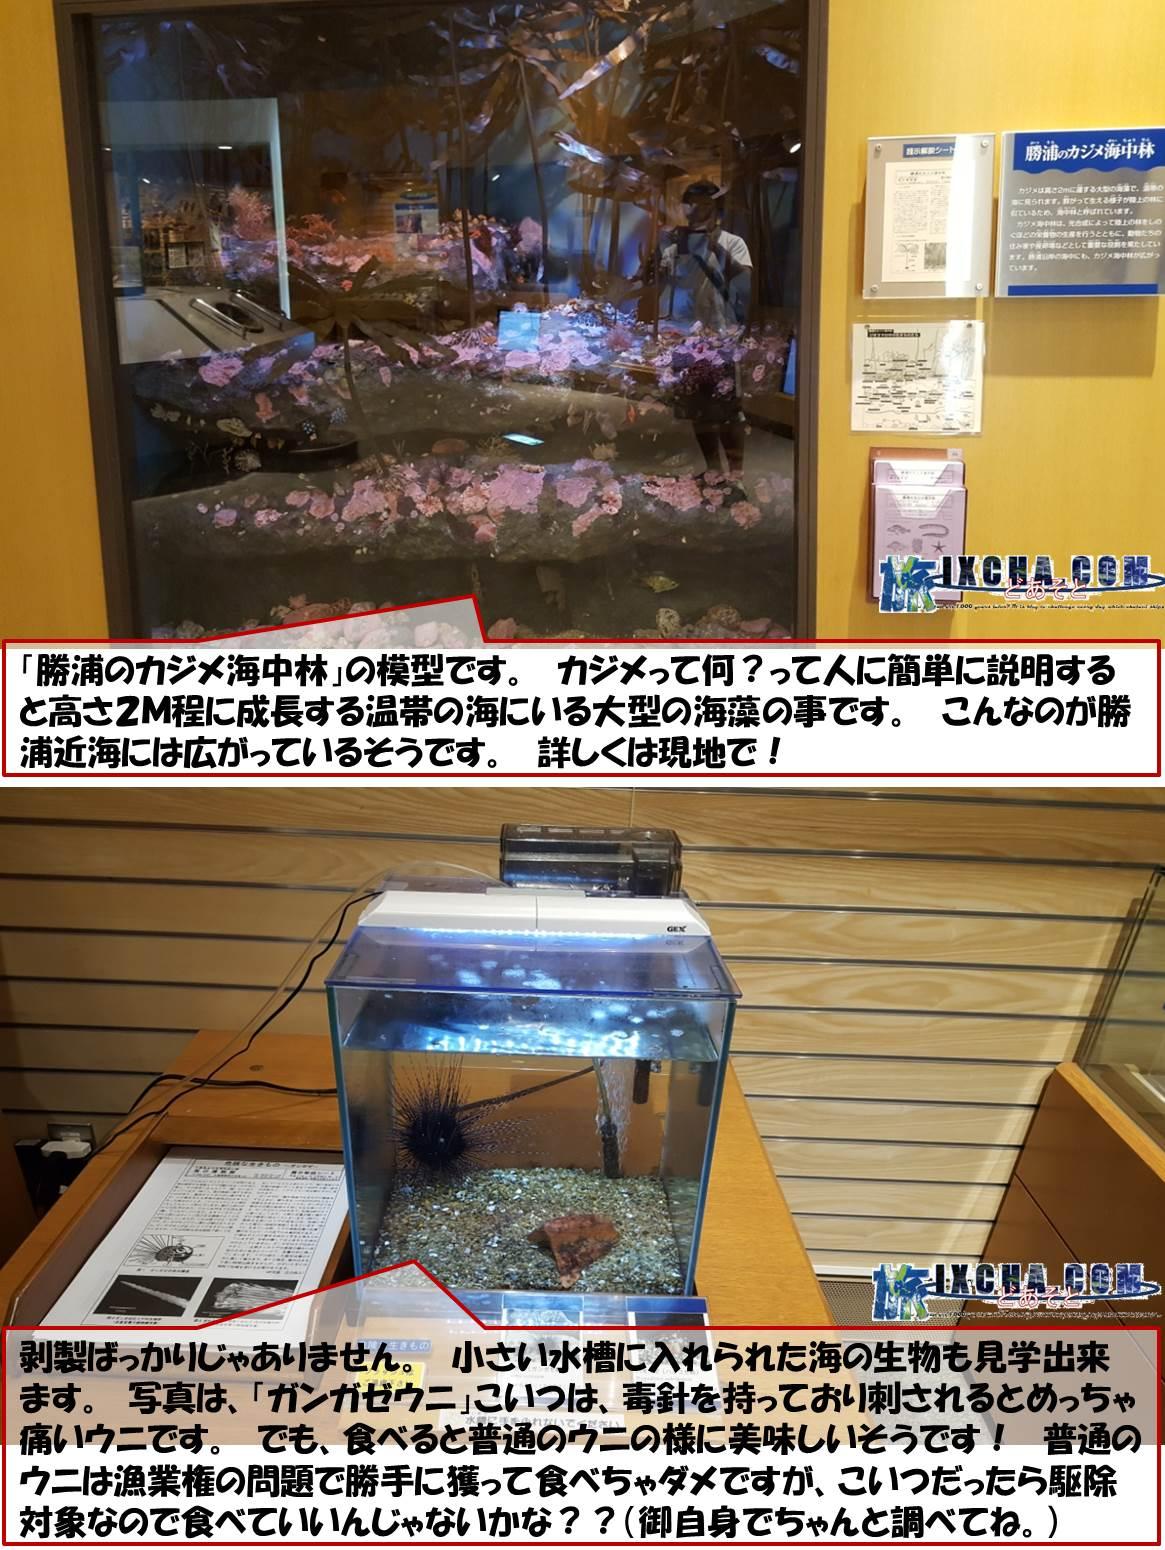 勝浦のカジメ海中林」の模型です。 カジメって何?って人に簡単に説明すると高さ2M程に成長する温帯の海にいる大型の海藻の事です。 こんなのが勝浦近海には広がっているそうです。 詳しくは現地で! 剥製ばっかりじゃありません。 小さい水槽に入れられた海の生物も見学出来ます。 写真は、「ガンガゼウニ」こいつは、毒針を持っており刺されるとめっちゃ痛いウニです。 でも、食べると普通のウニの様に美味しいそうです! 普通のウニは漁業権の問題で勝手に獲って食べちゃダメですが、こいつだったら駆除対象なので食べていいんじゃないかな??(御自身でちゃんと調べてね。)